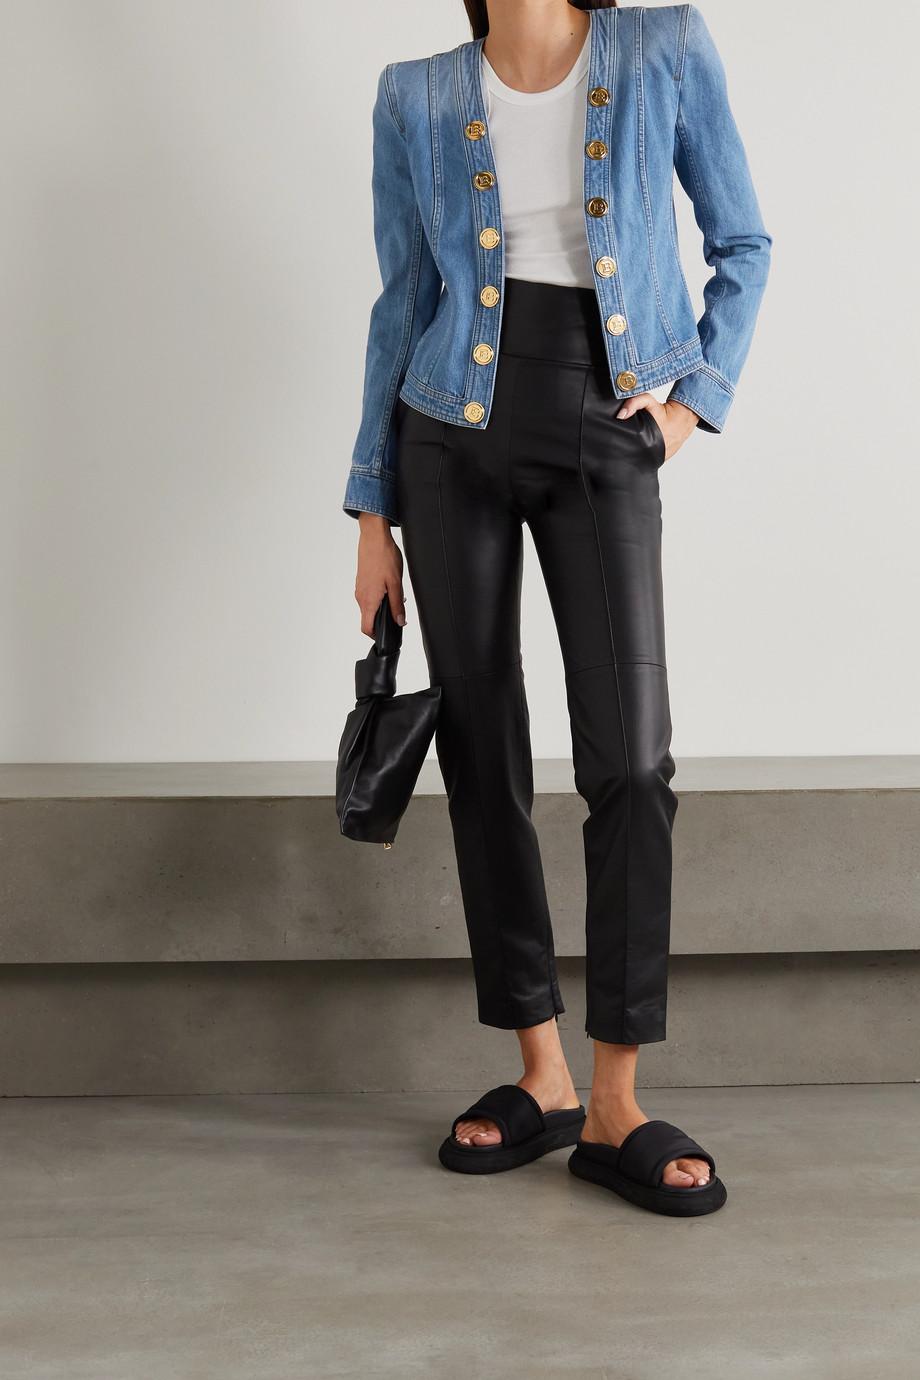 Balmain Jeansjacke mit Zierknöpfen